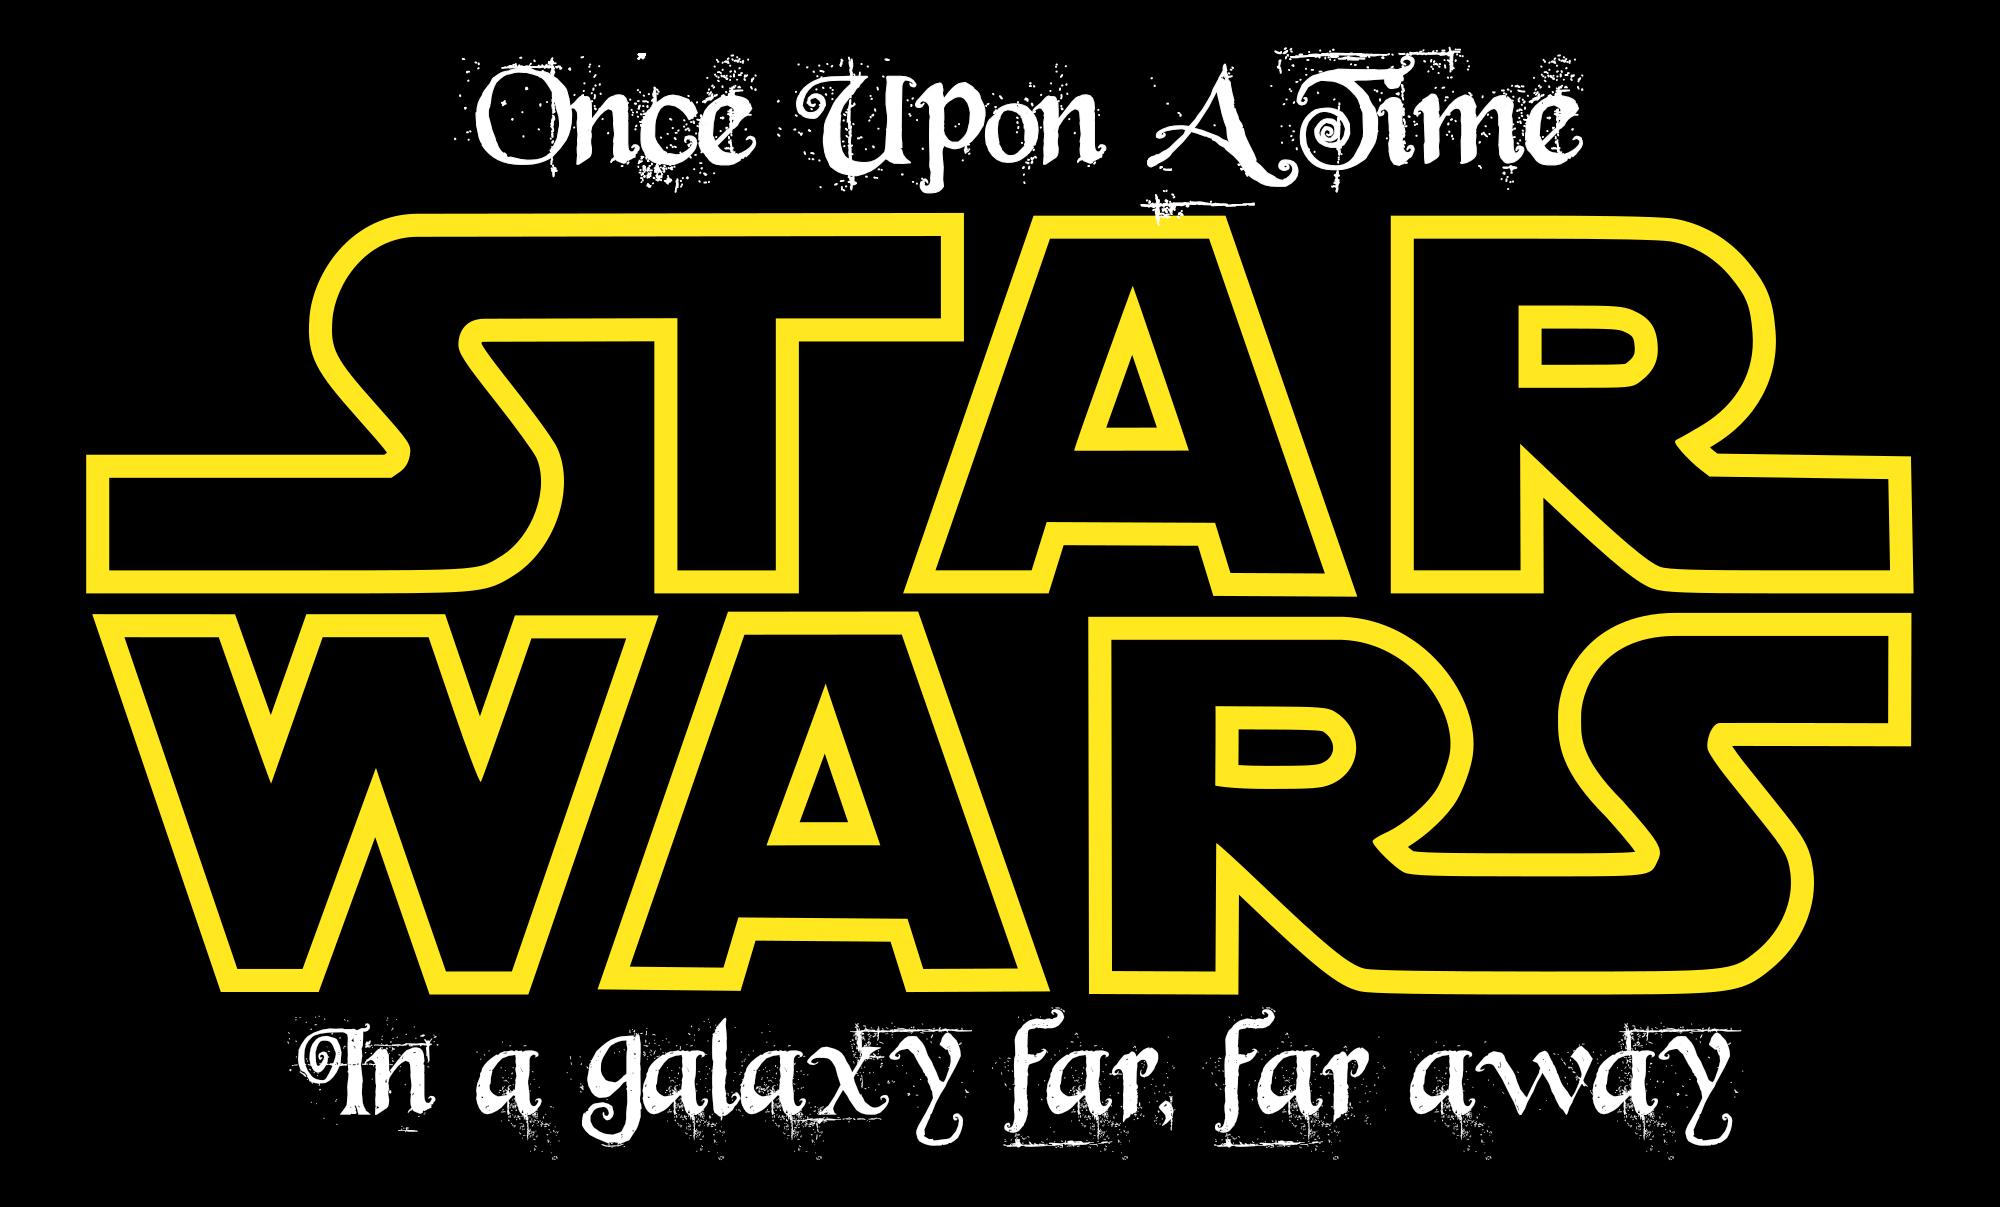 Star Wars is a Faerie Tale